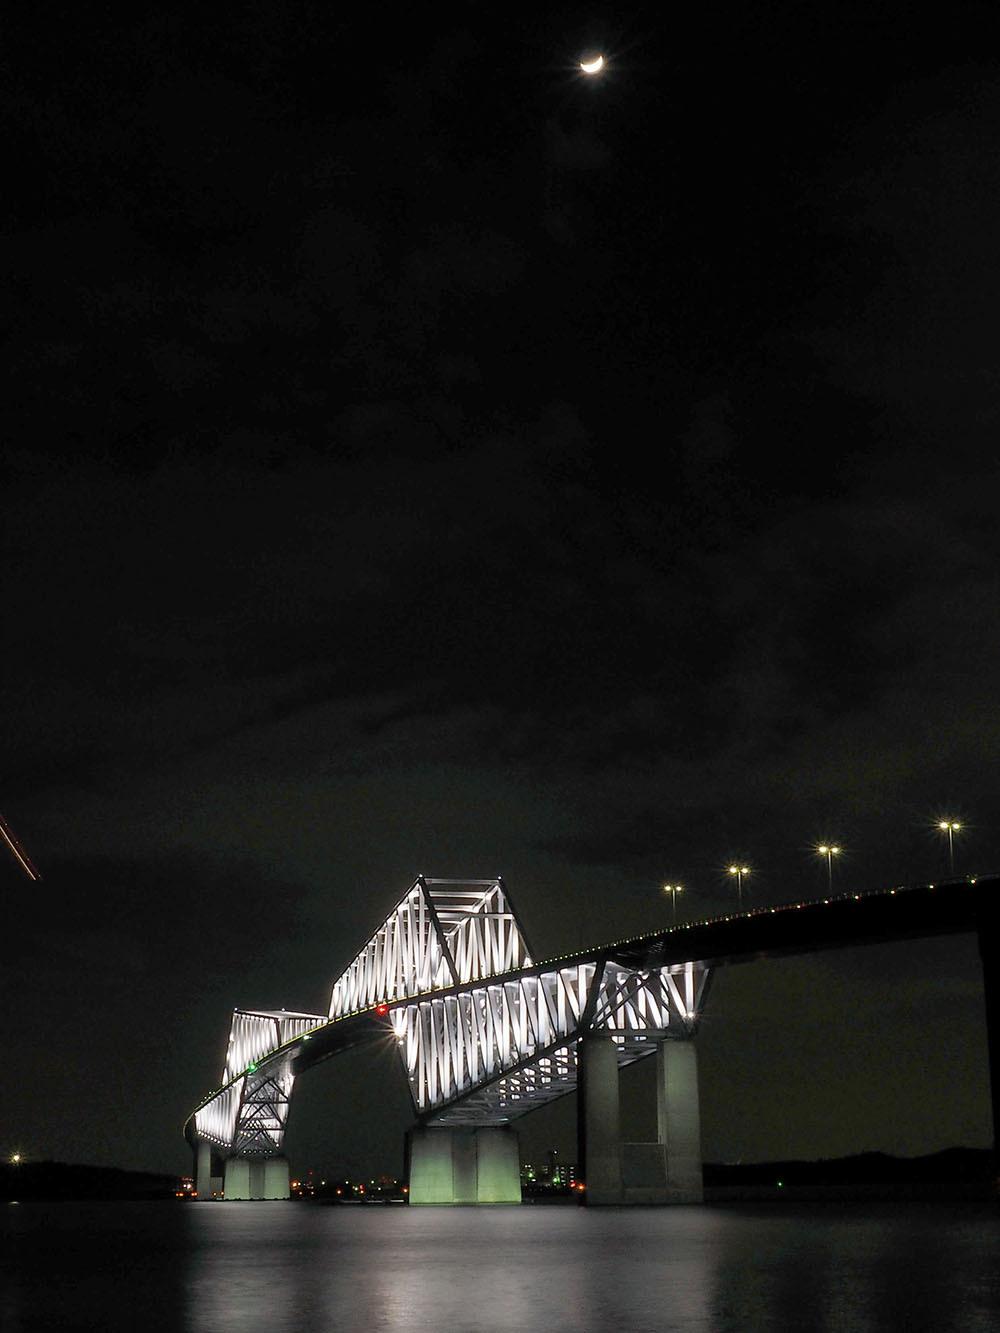 東京ゲートブリッジ イルミネーション撮影_f0324026_01335742.jpg